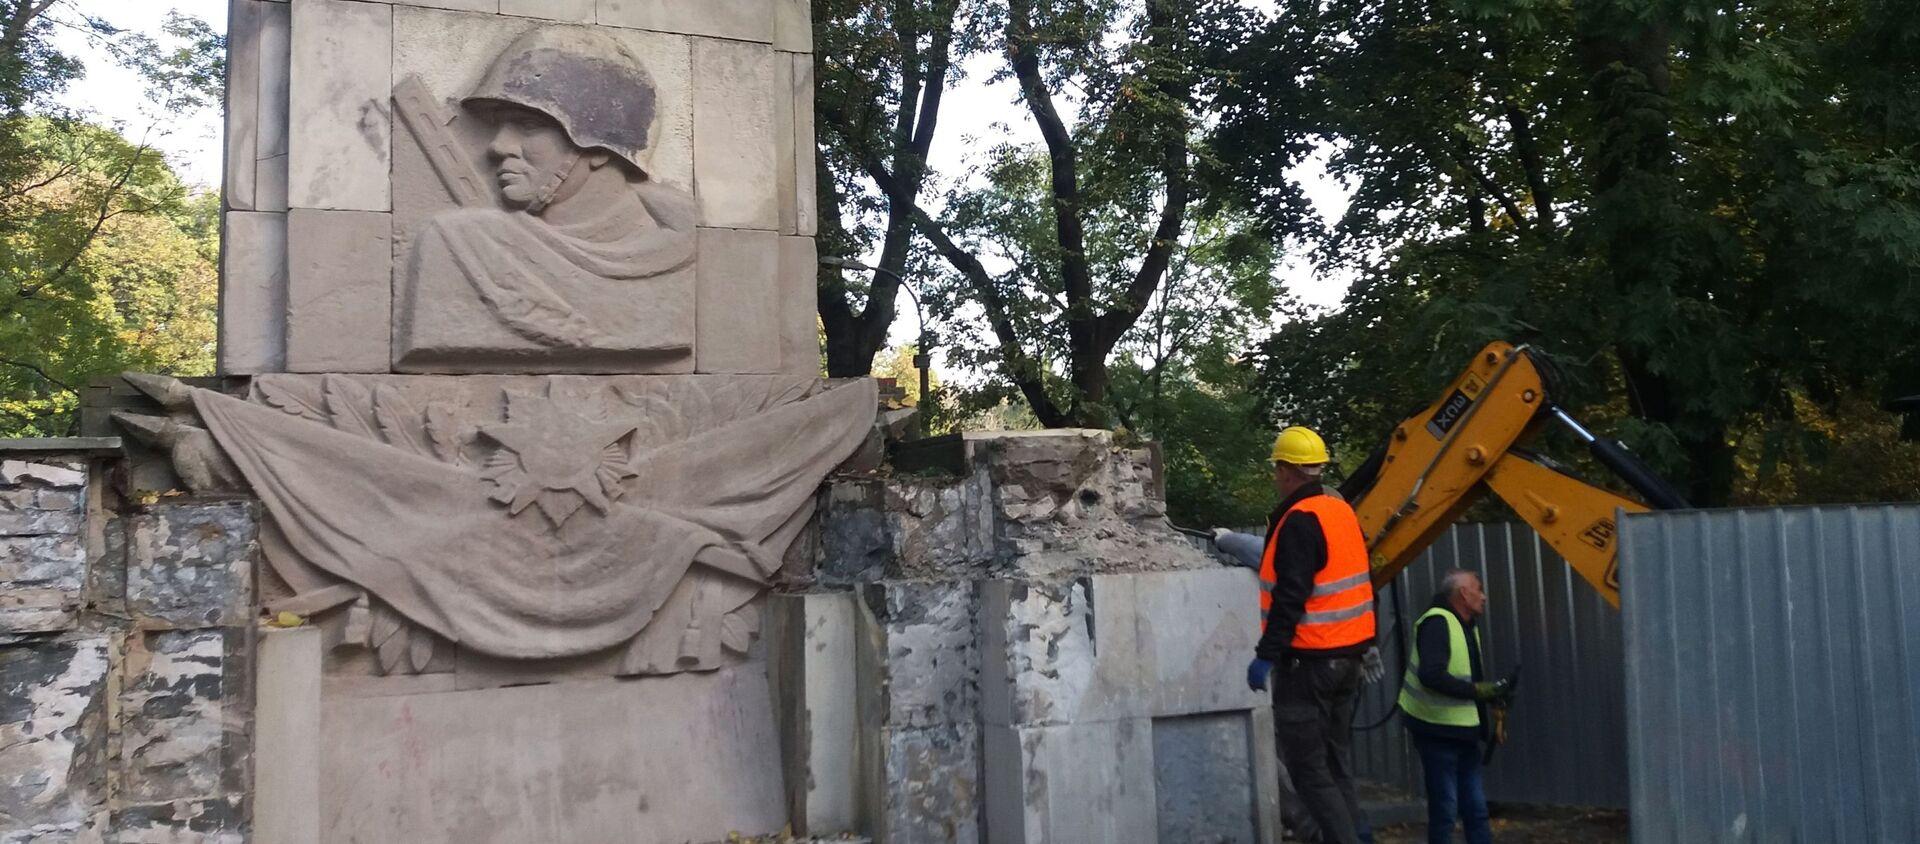 Demontaż Pomnika Wdzięczności Żołnierzom Armii Radzieckiej w parku Skaryszewskiego w Warszawie - Sputnik Polska, 1920, 22.04.2021